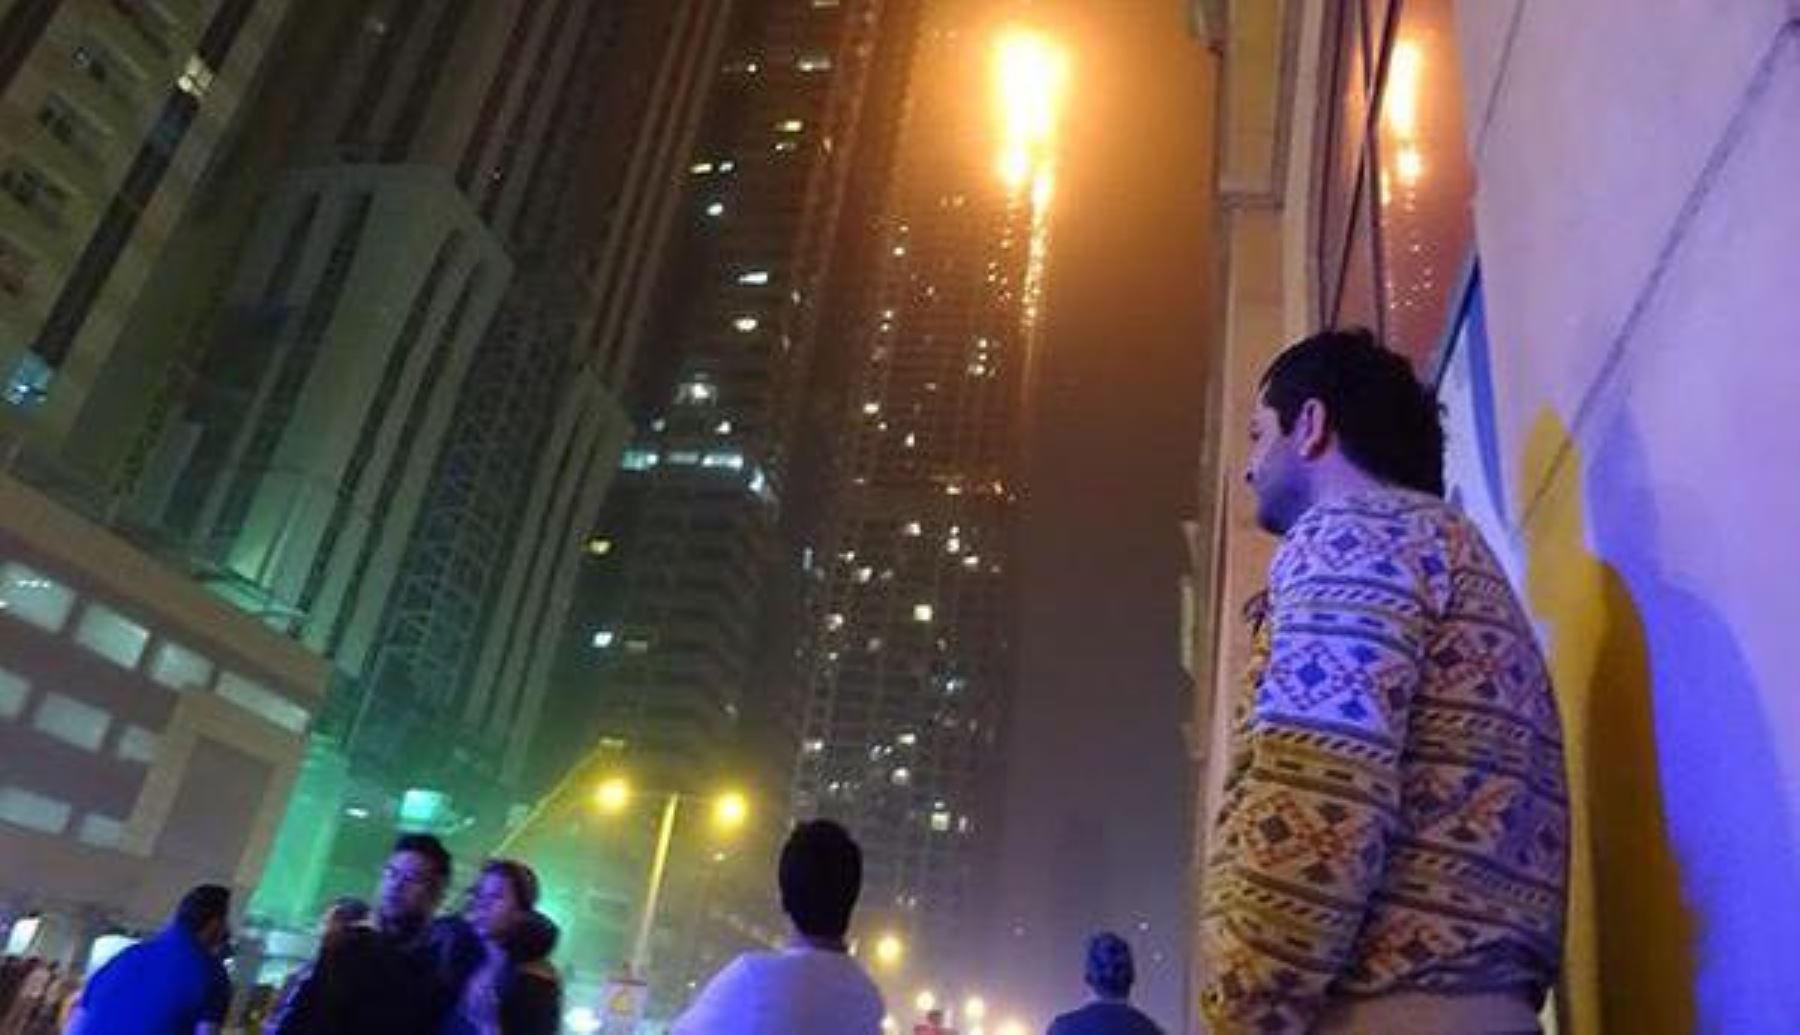 Incendio en rascacielos de Dubai. Foto: Internet.